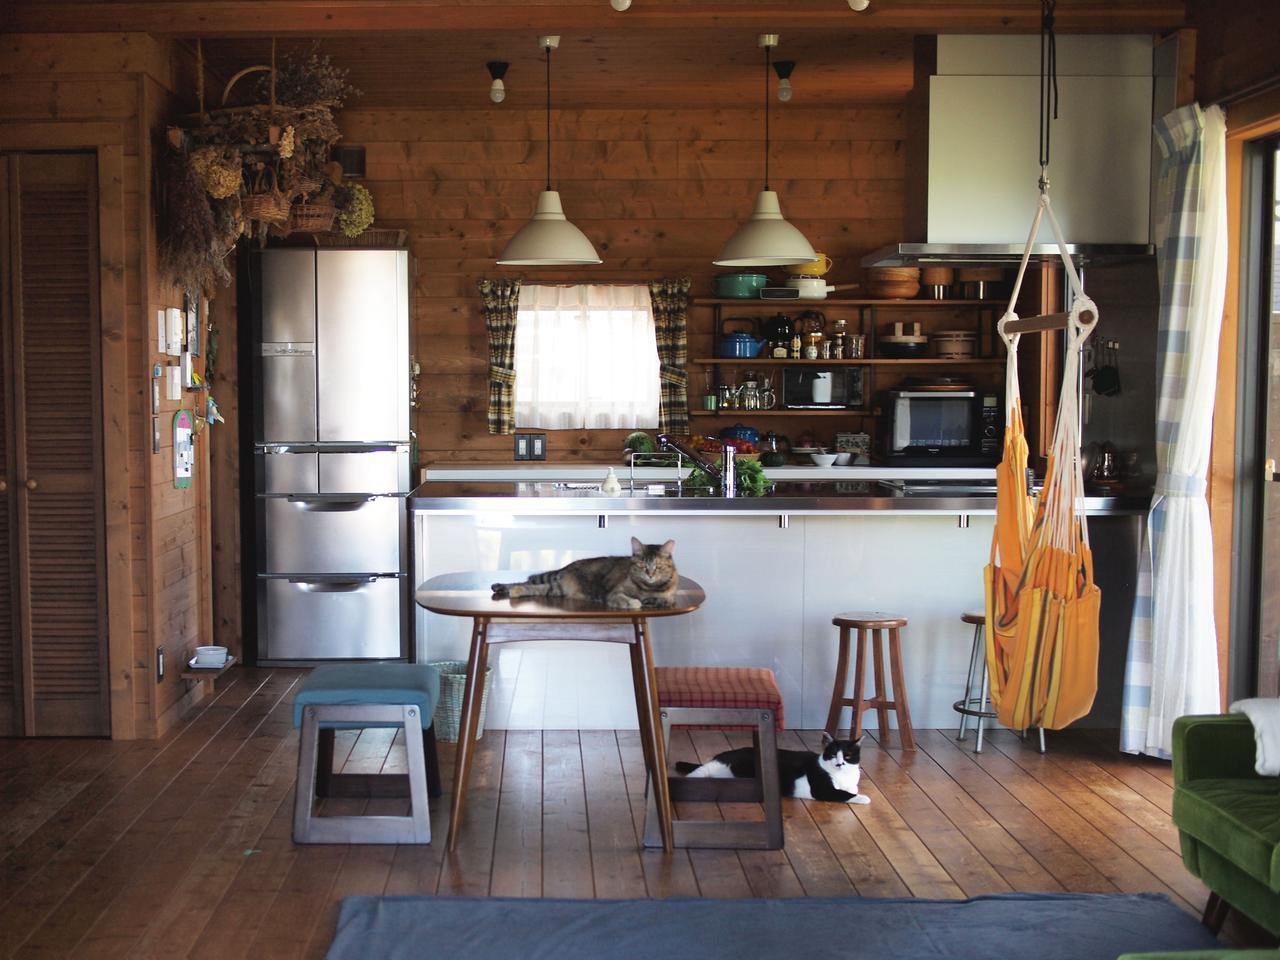 画像: 掃除がおわり、椅子を下した途端にくつろぐ、わが家のにゃんず。すーっと風が通る気持ちよい場所でのんびり